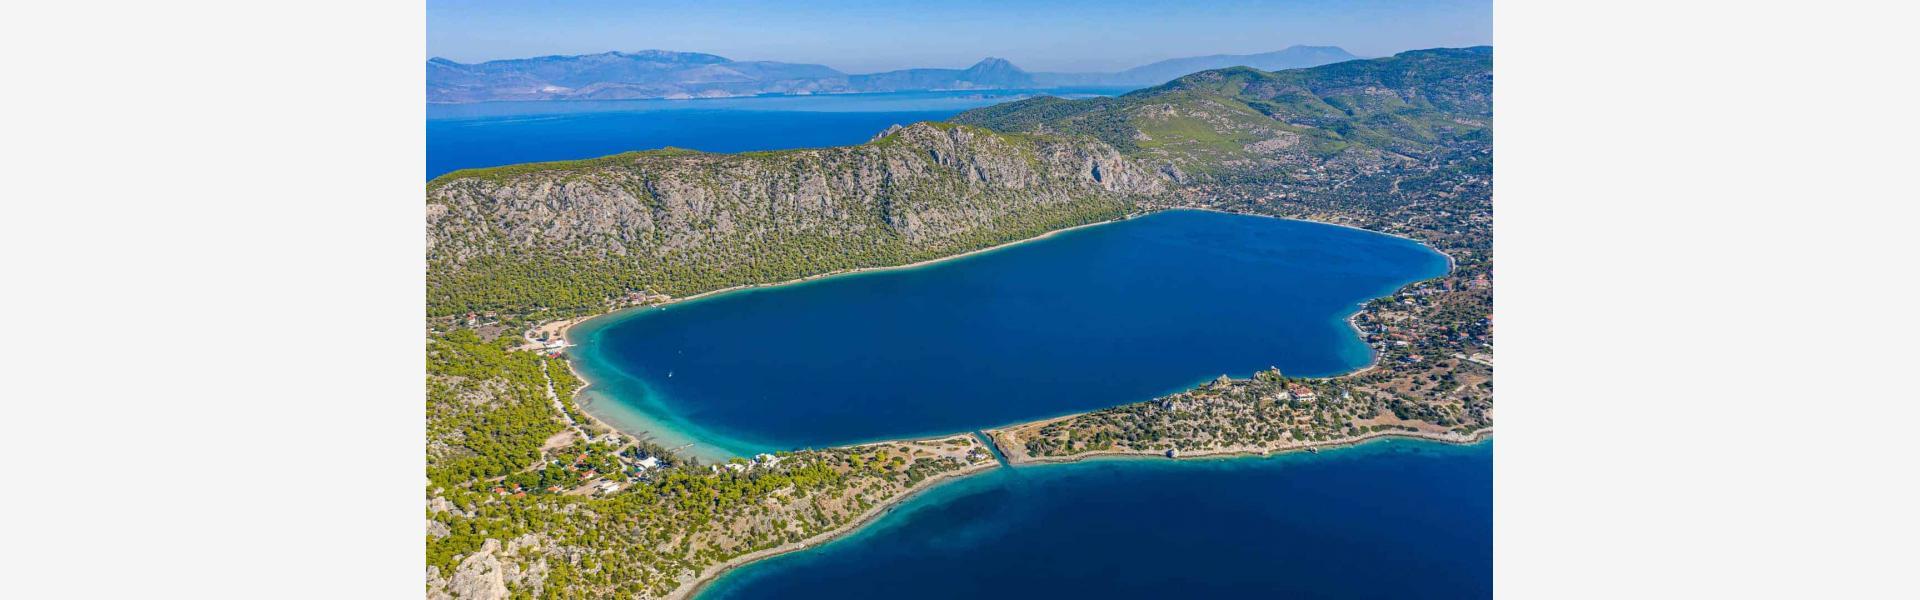 Λιμνοθάλασσα Ηραίου πανοραμική